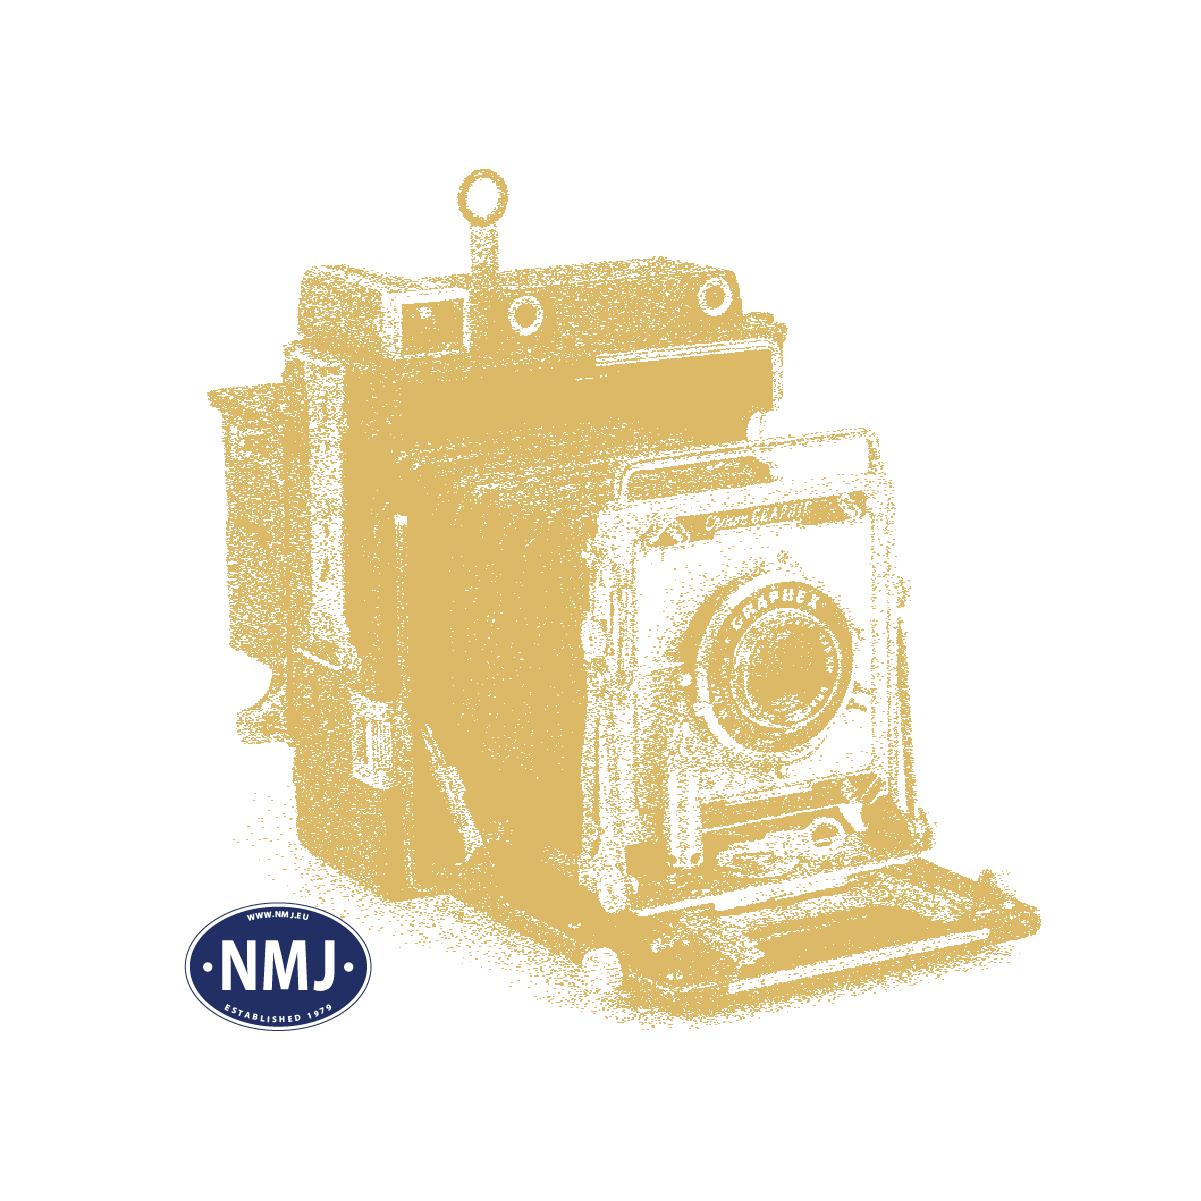 MWB-P601 - Gresstuster, Vår, 6 mm, 21 x 15 Cm